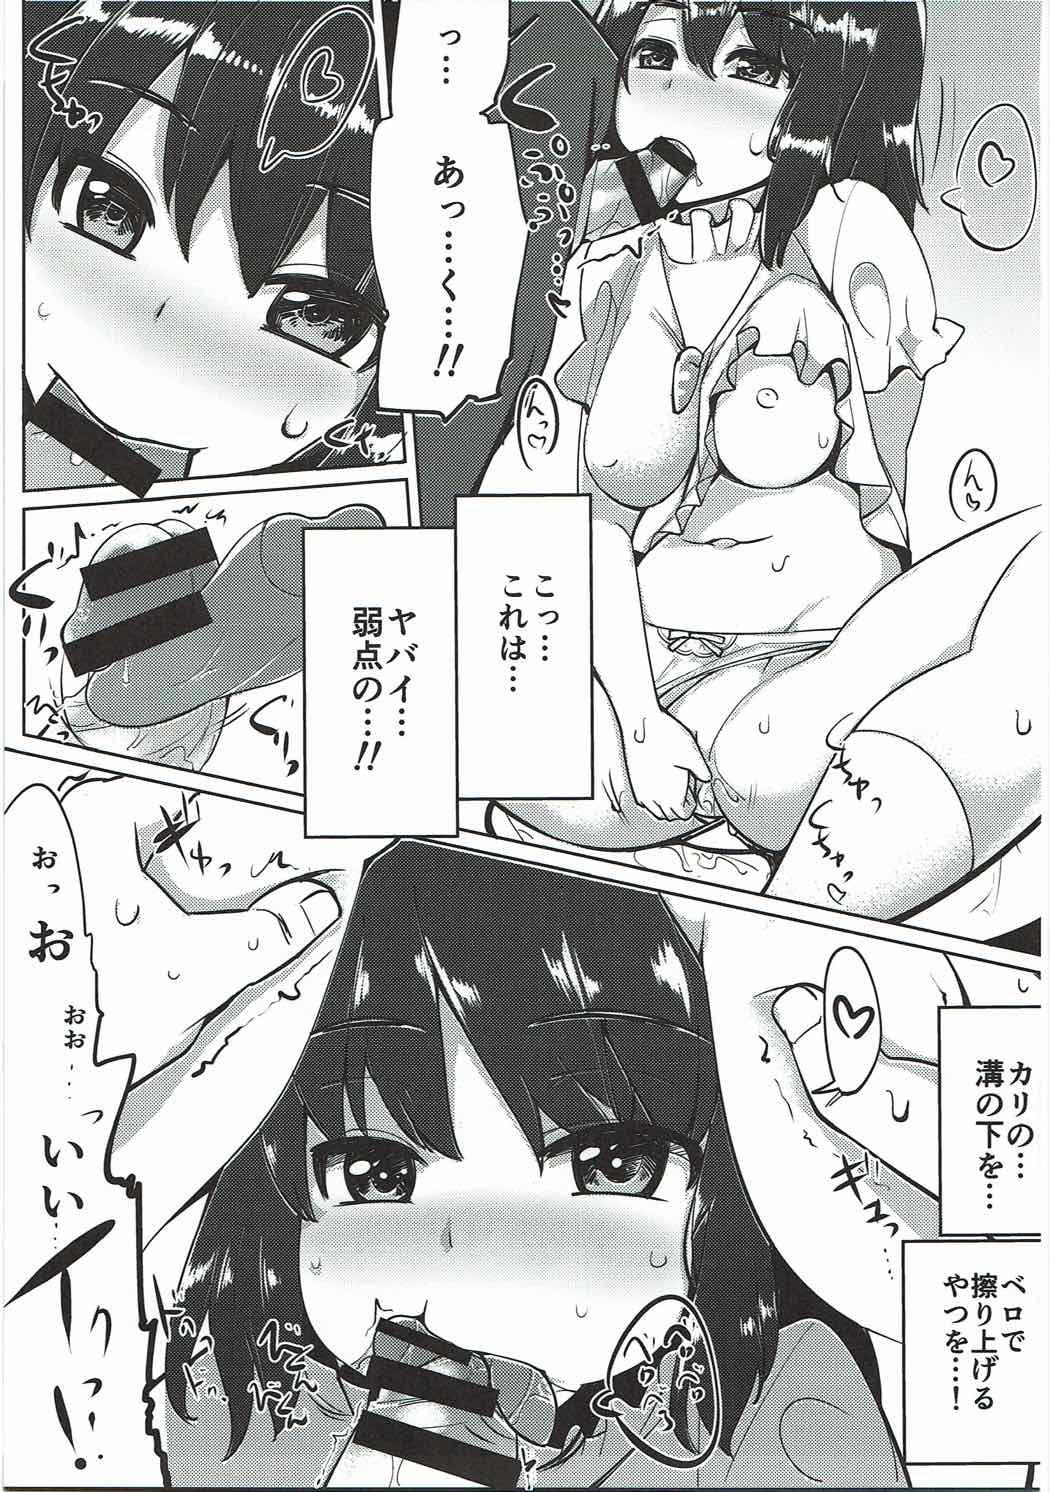 Uwaki Shite Tewi-chan to Sex Shita 57